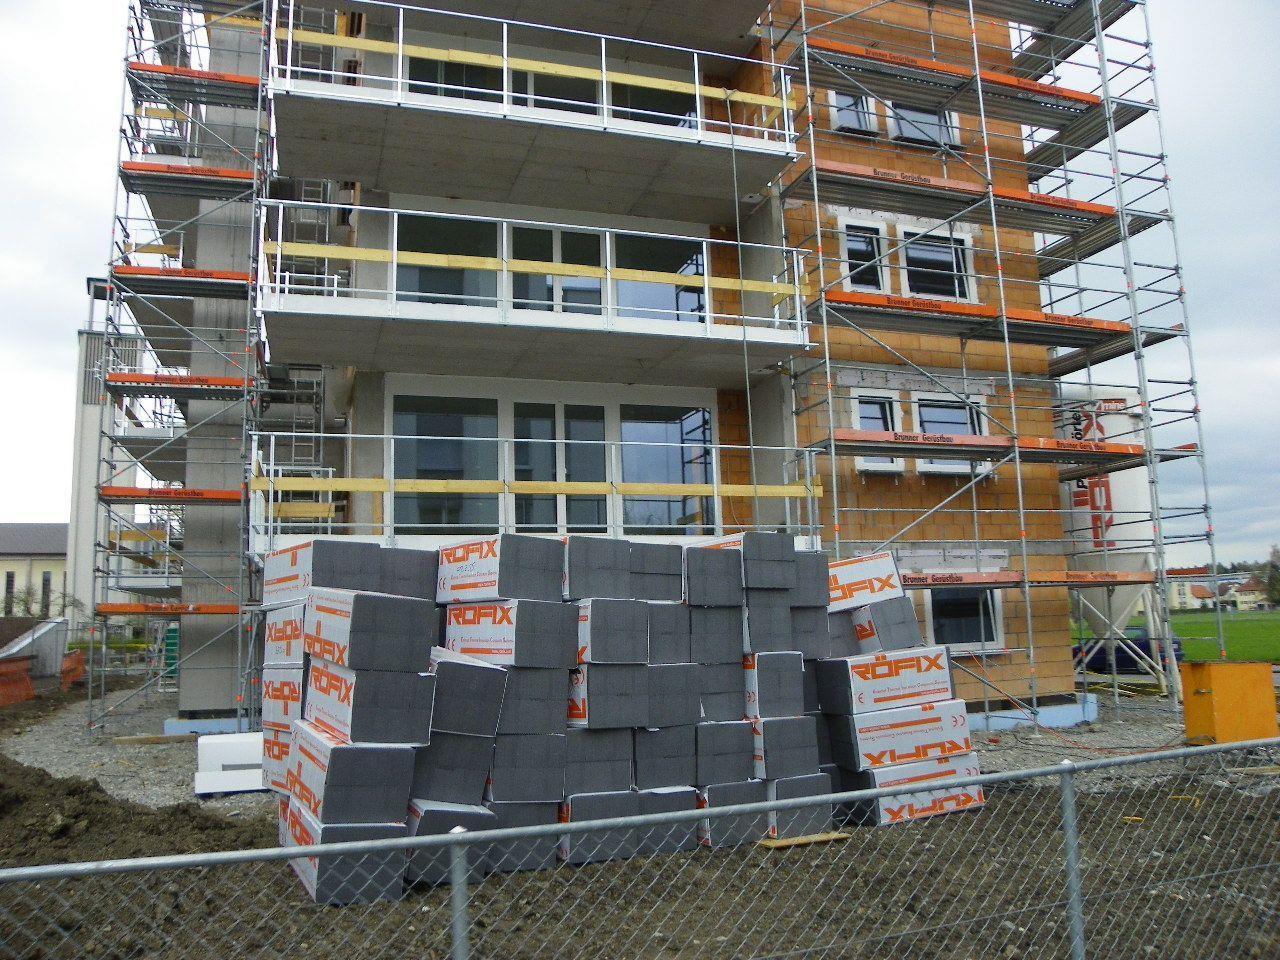 In Kürze geht es an die Fassadenisolierung